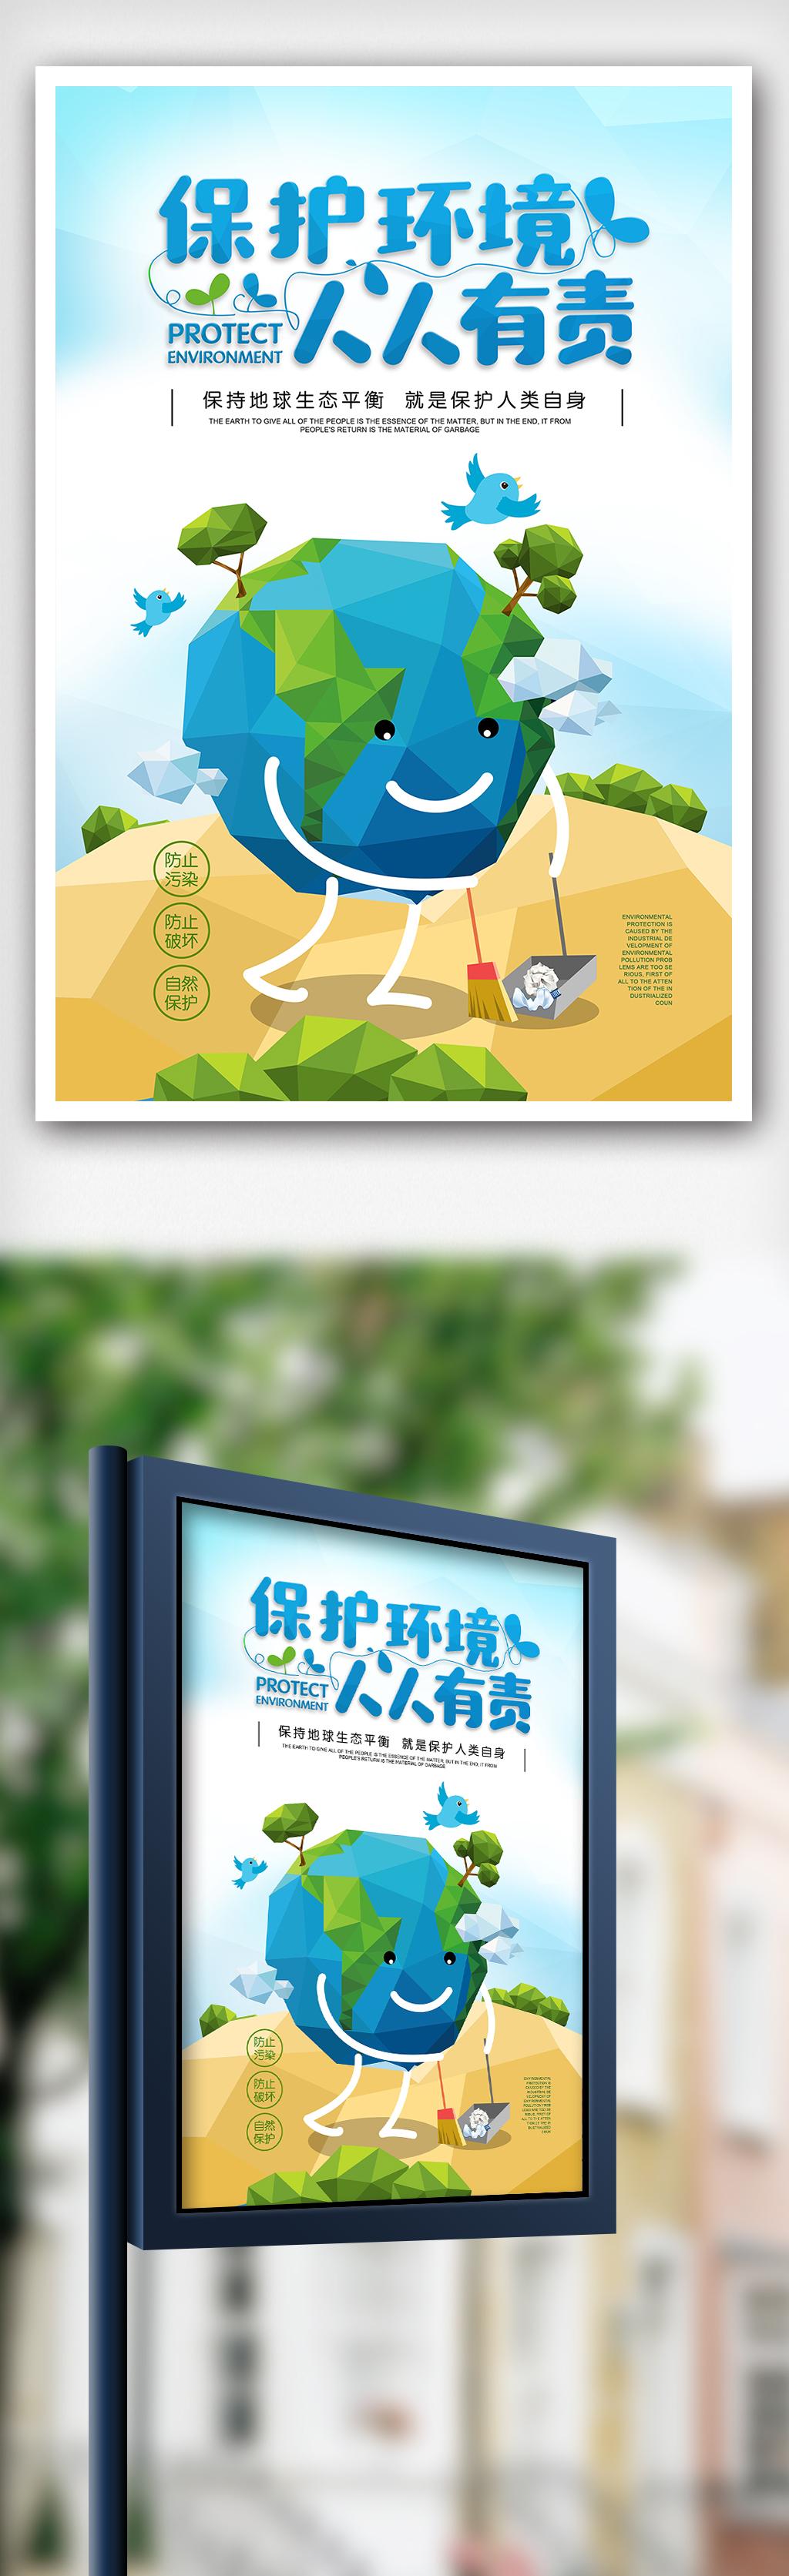 蓝色卡通保护环境海报